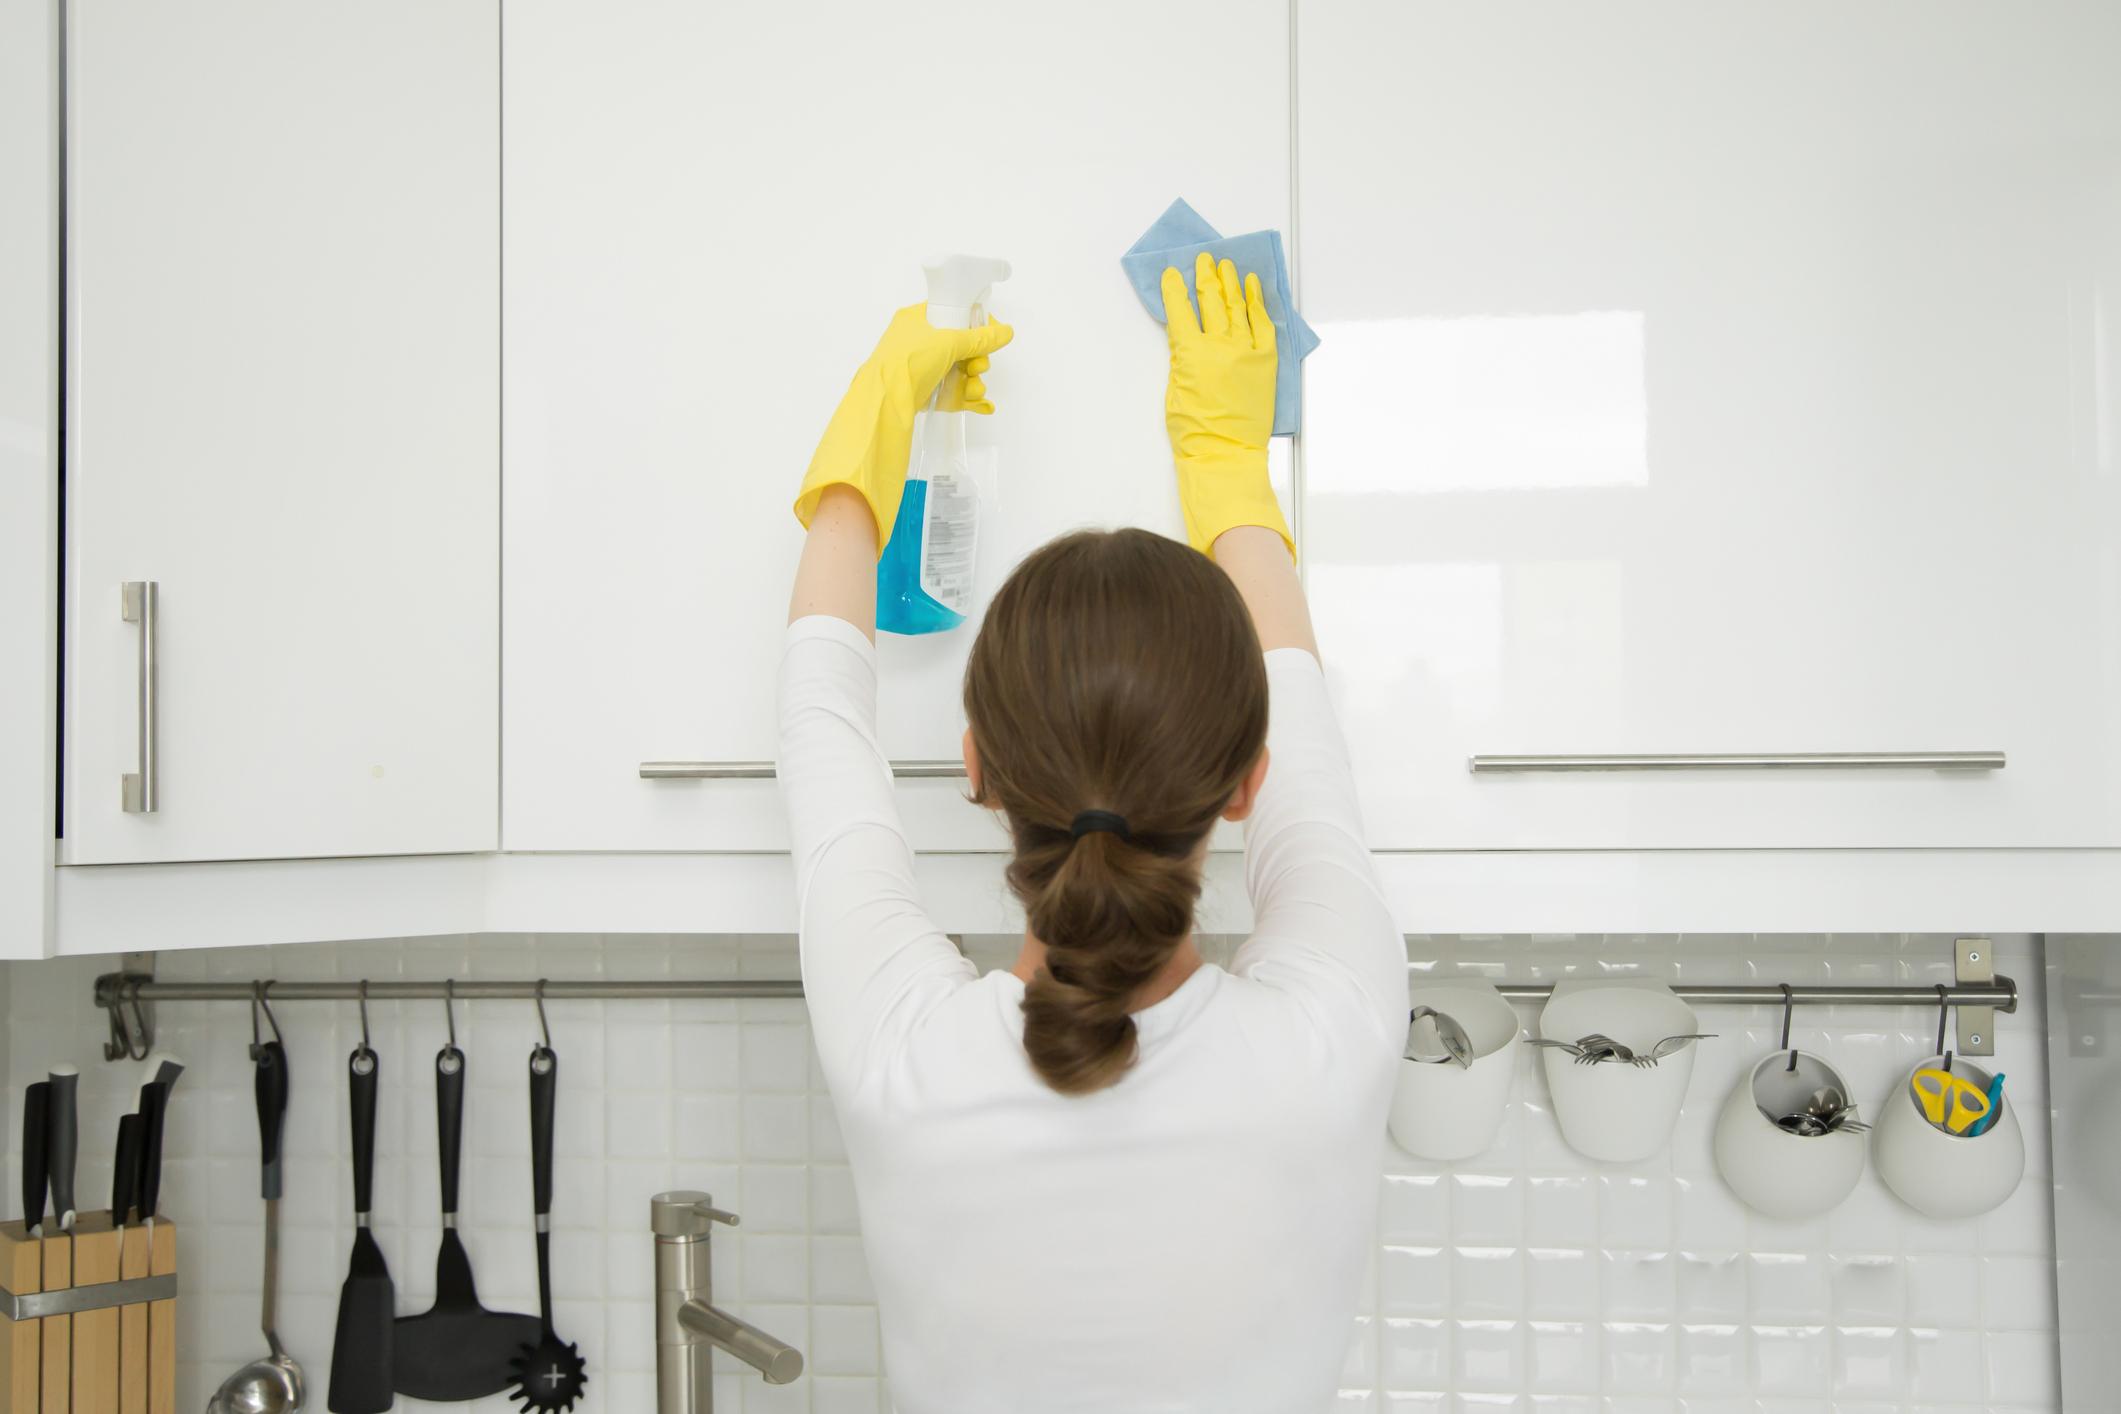 Всички кухненски шкафове. Чудесно време е и да бъдат организирани, проверете подправките си, ако са много стари ги подменете.